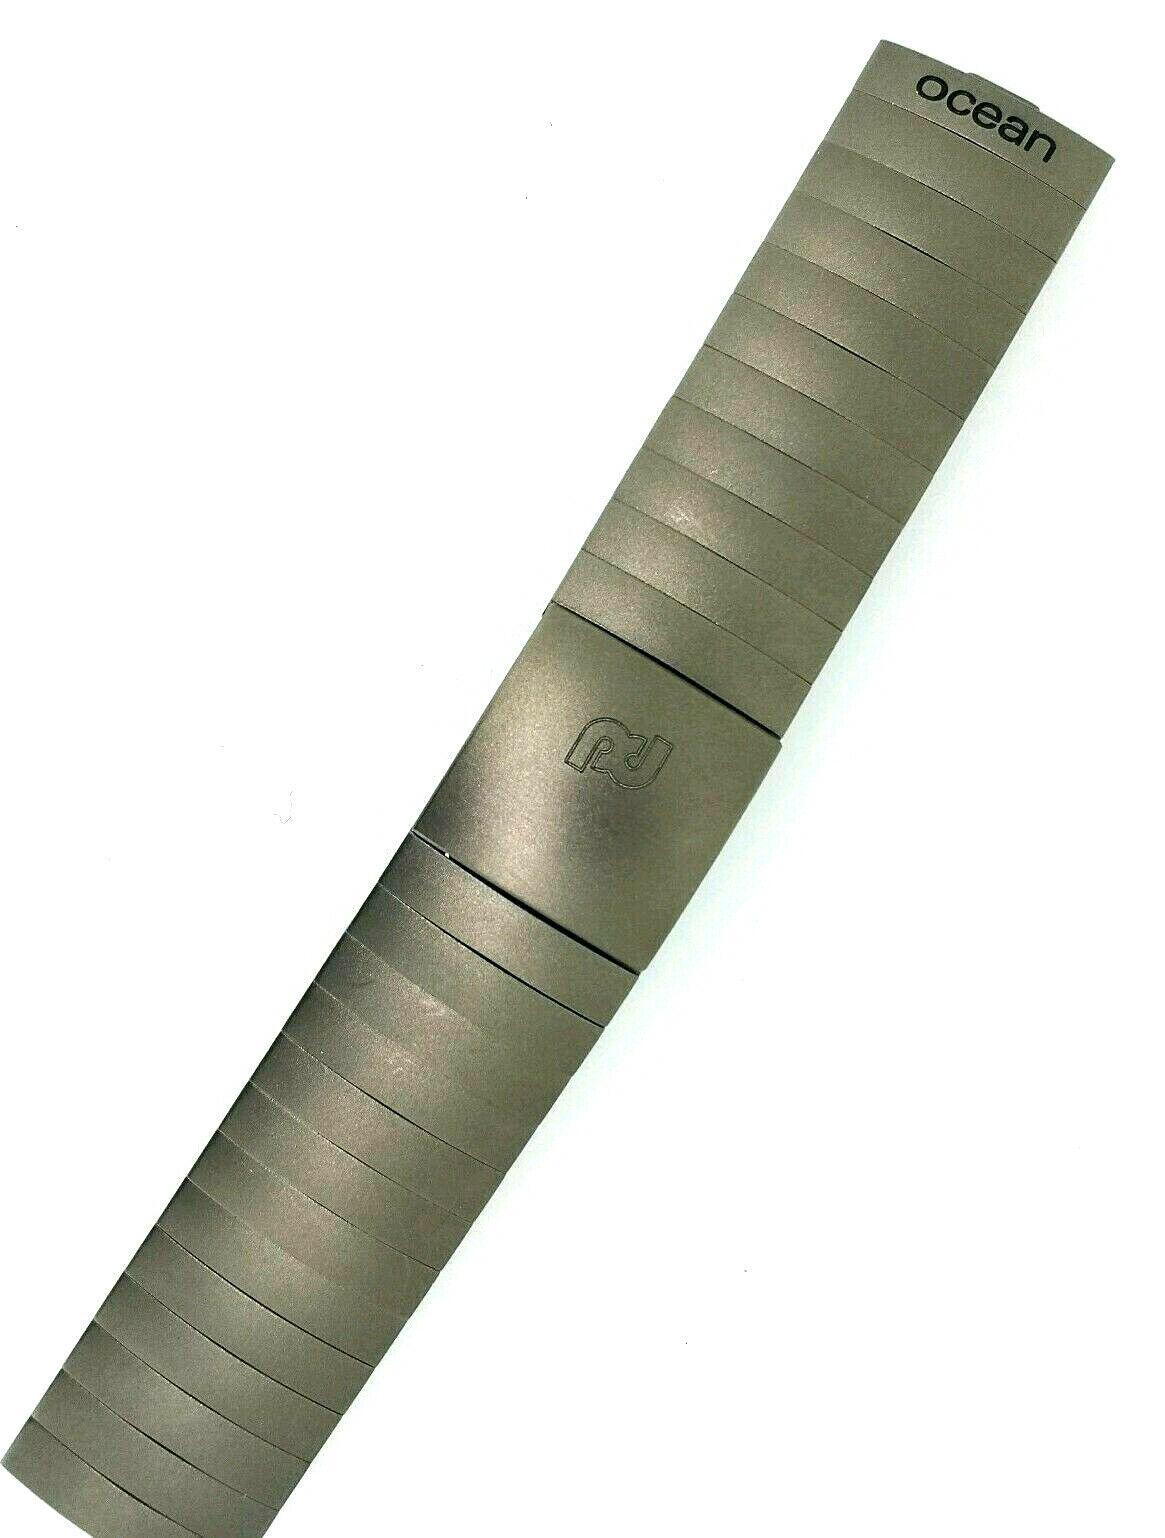 IWC Schaffhausen Original Titan Uhrband für Ocean 2000